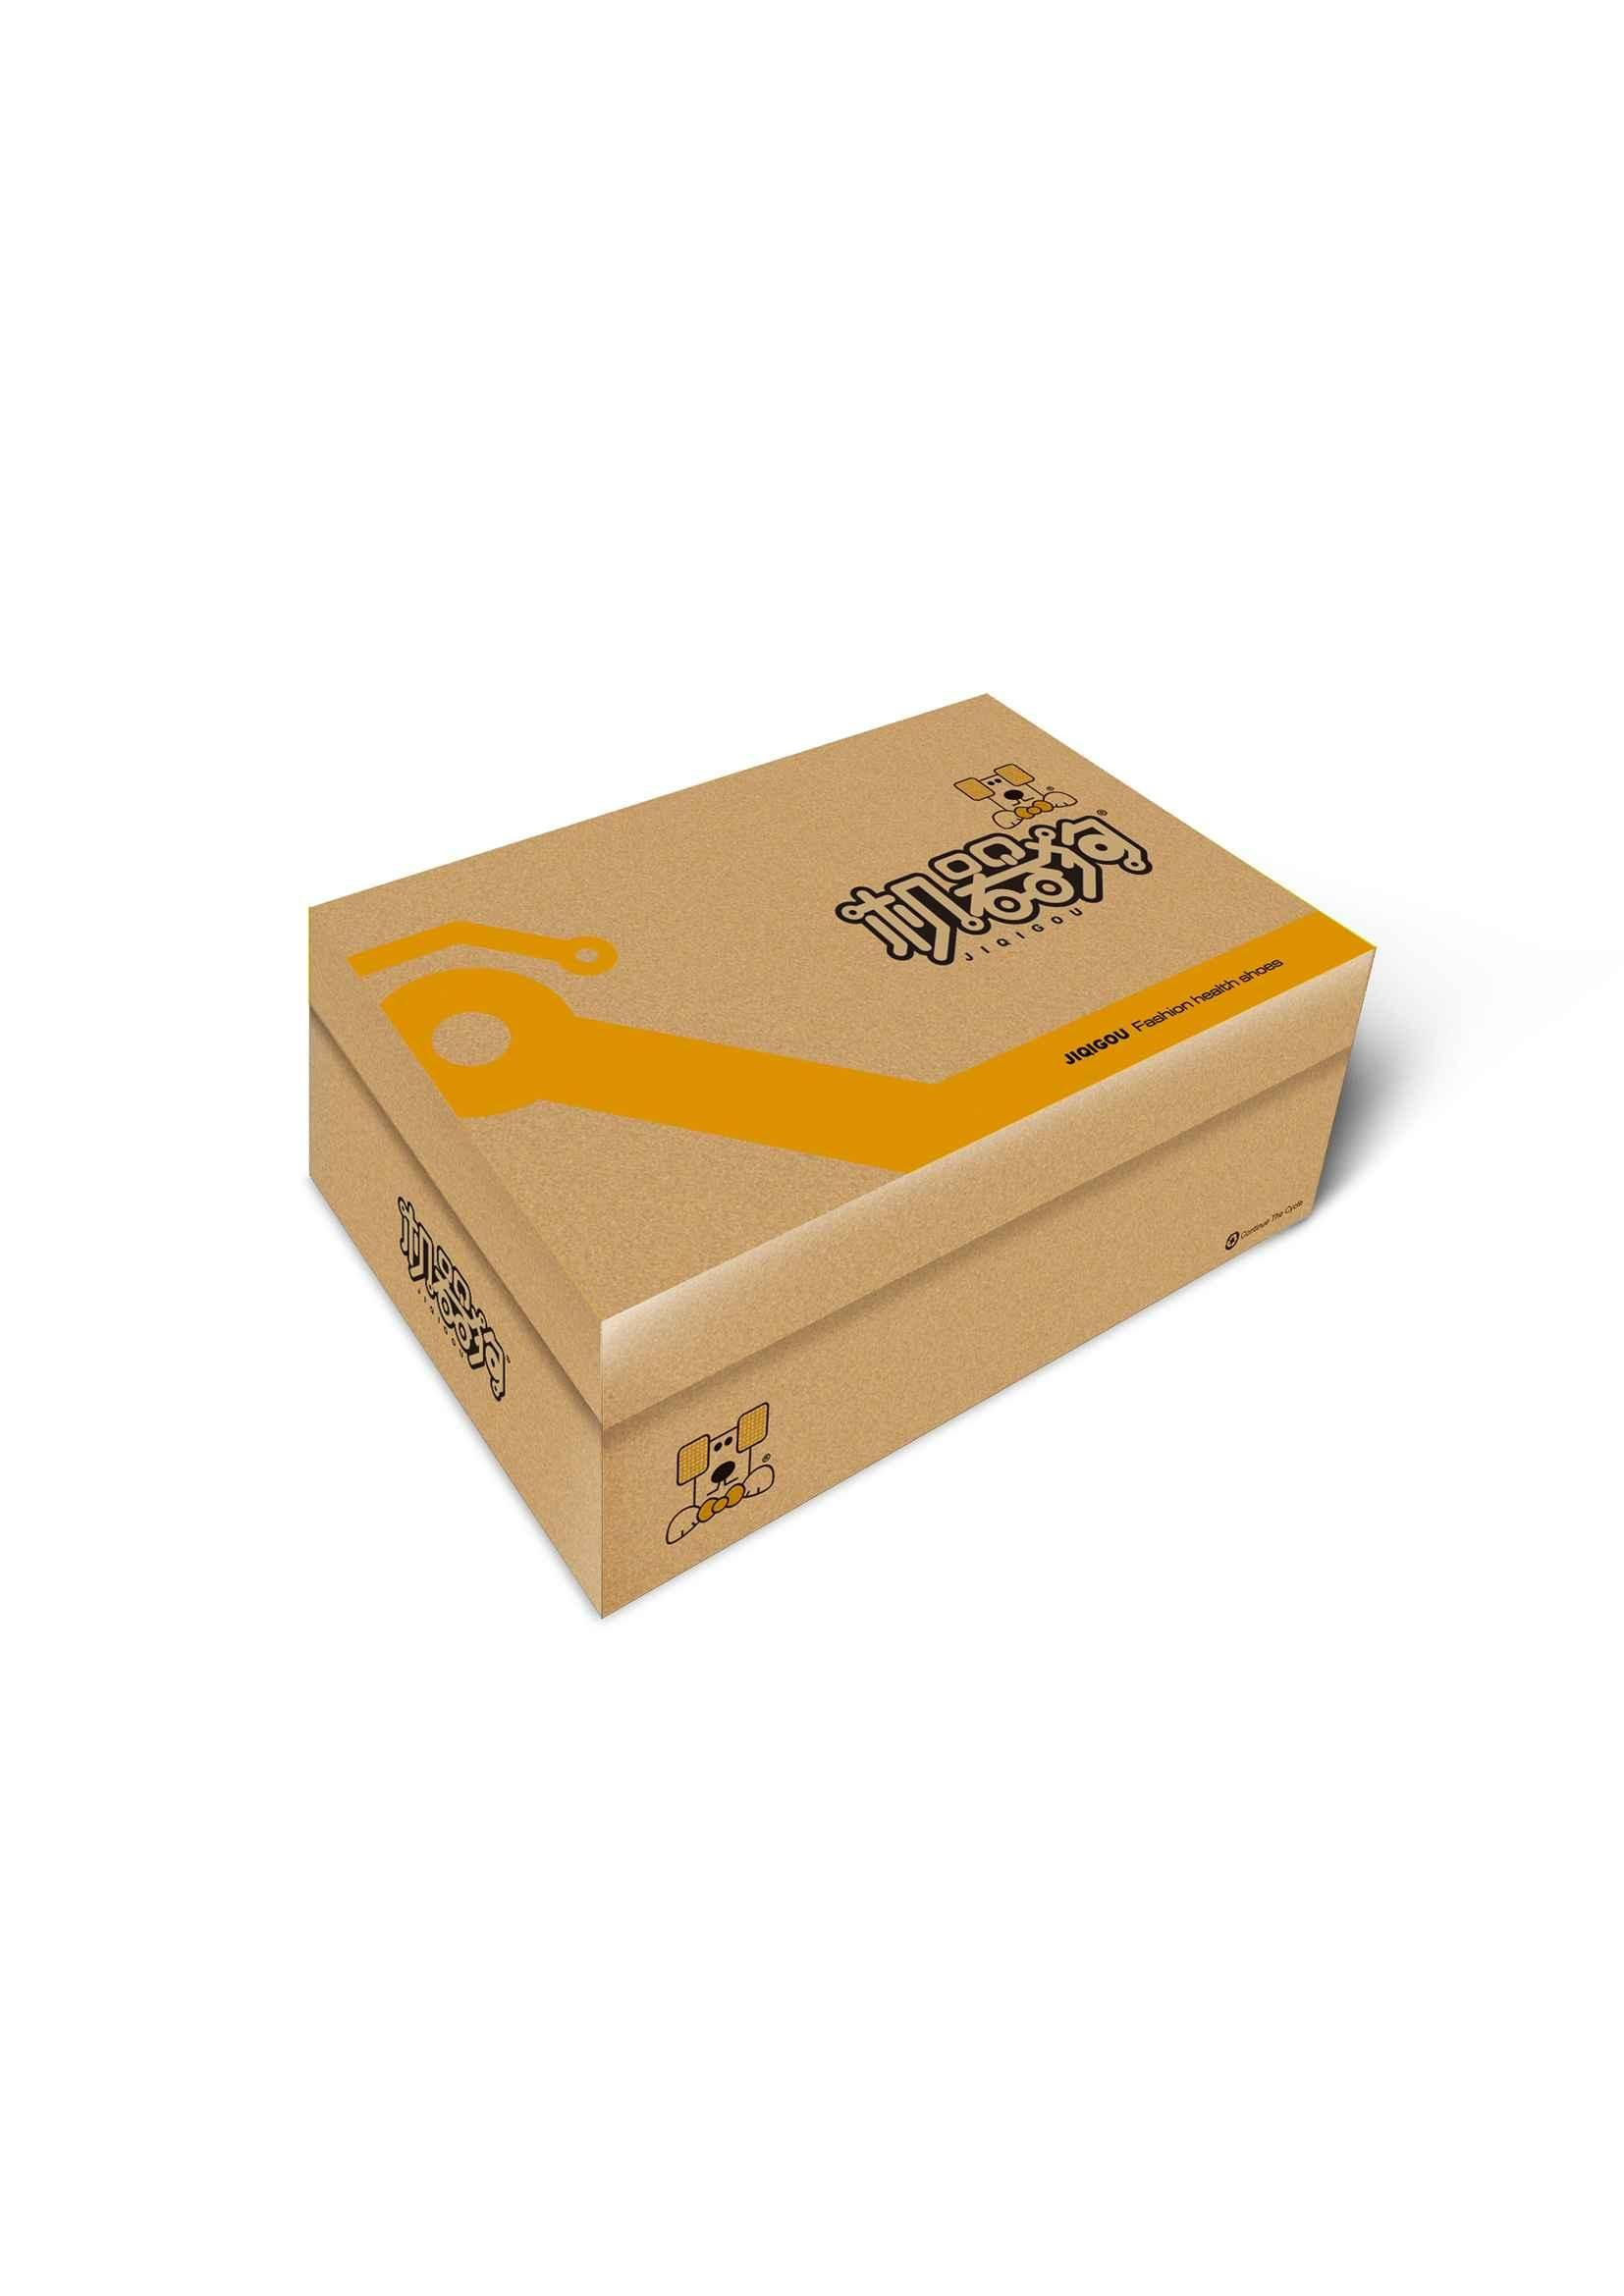 著名童鞋品牌机器狗服饰包装盒设计